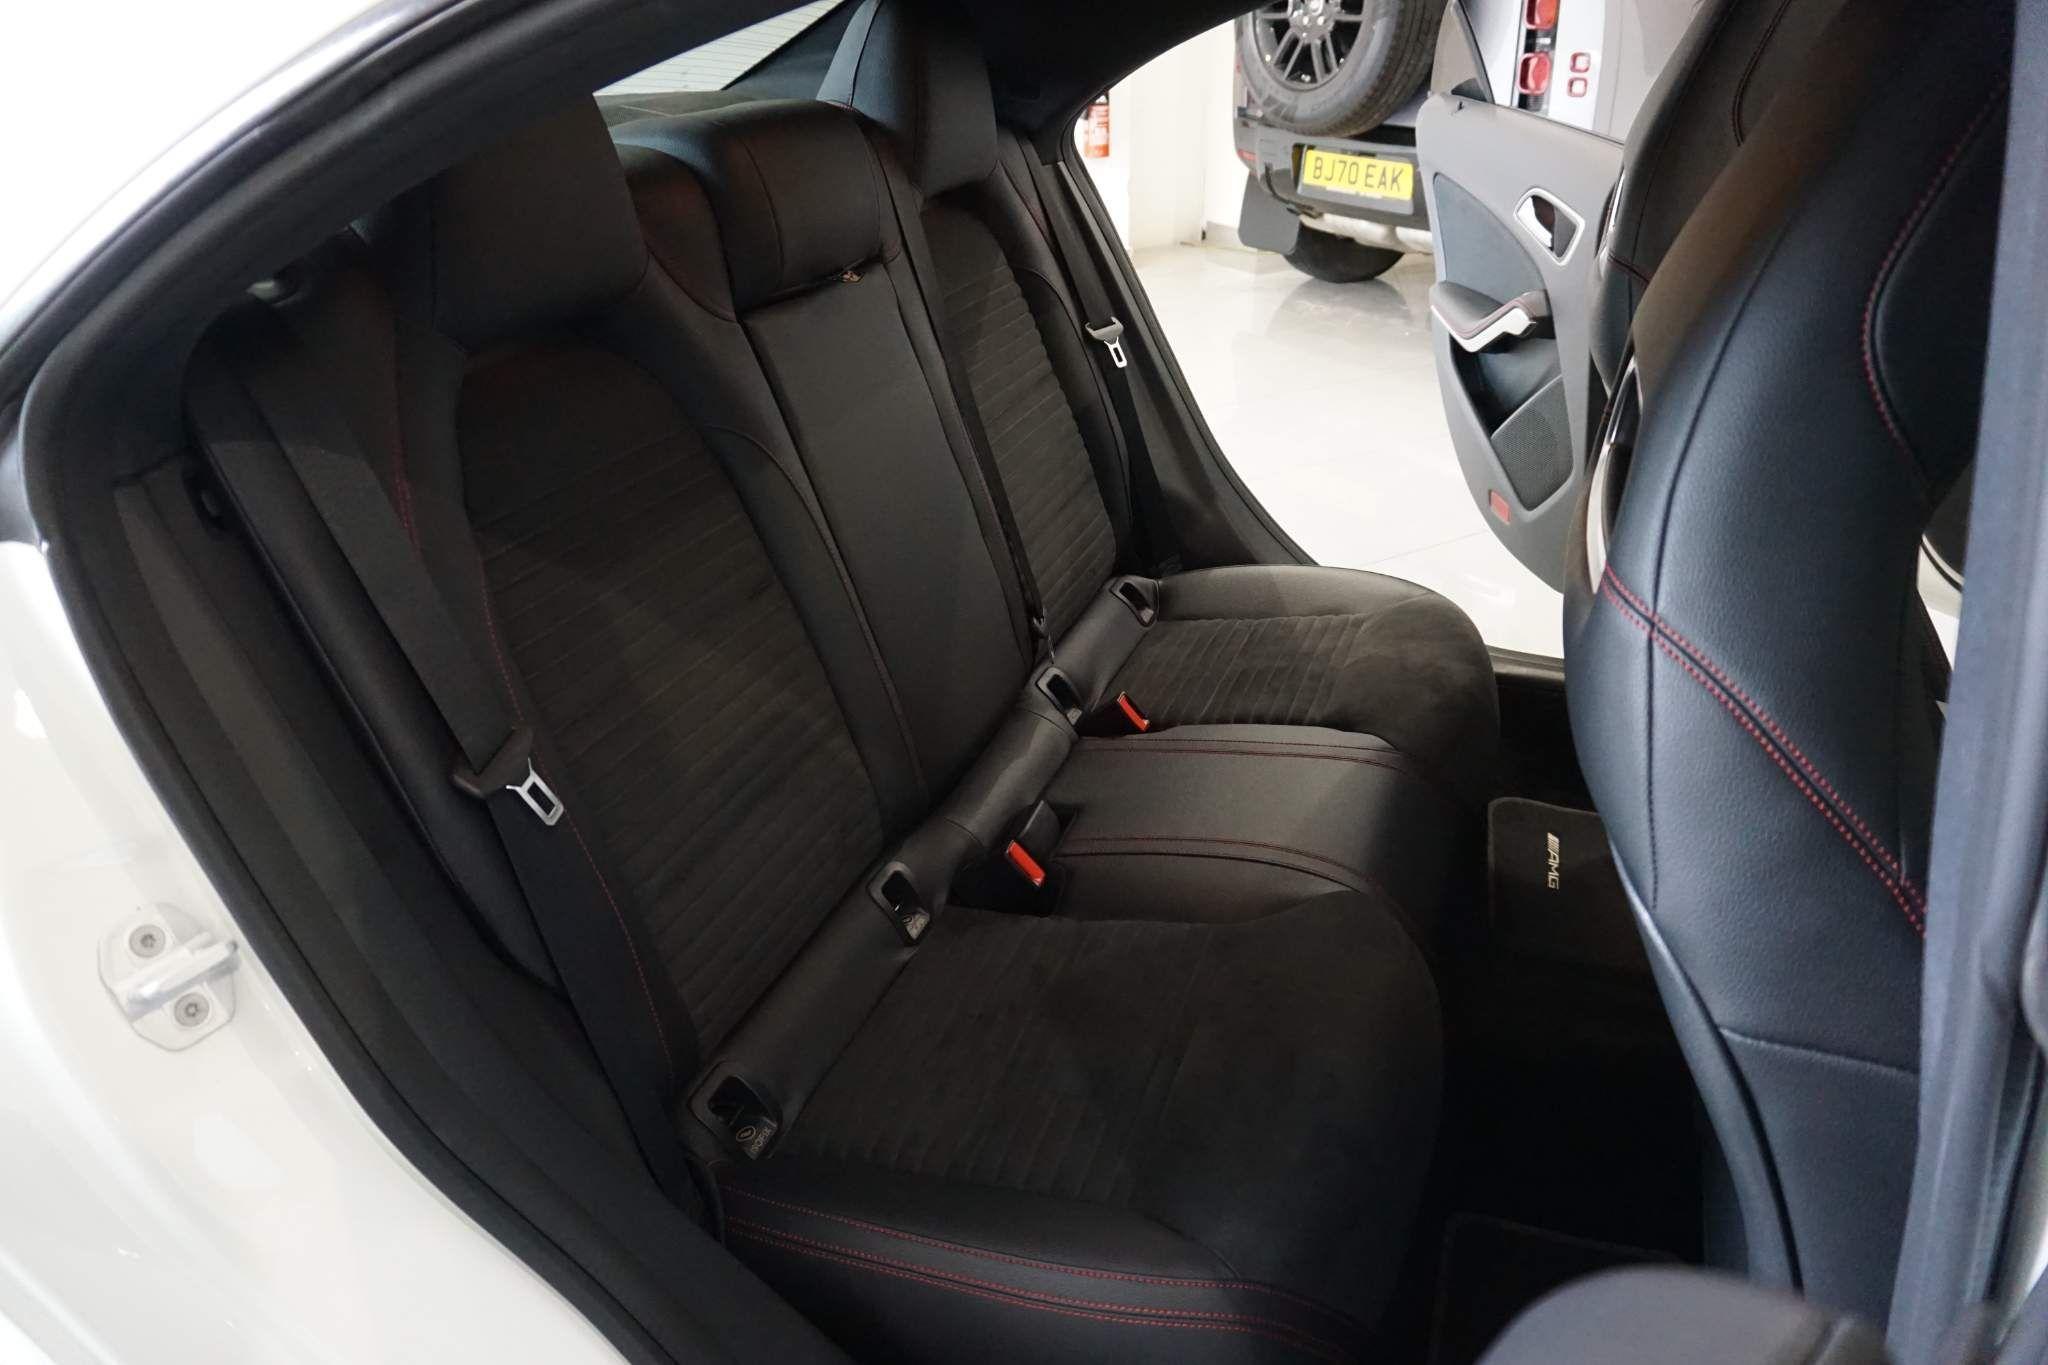 Mercedes-Benz CLA Class 2.1 CLA220 CDI AMG Sport 7G-DCT (s/s) 4dr